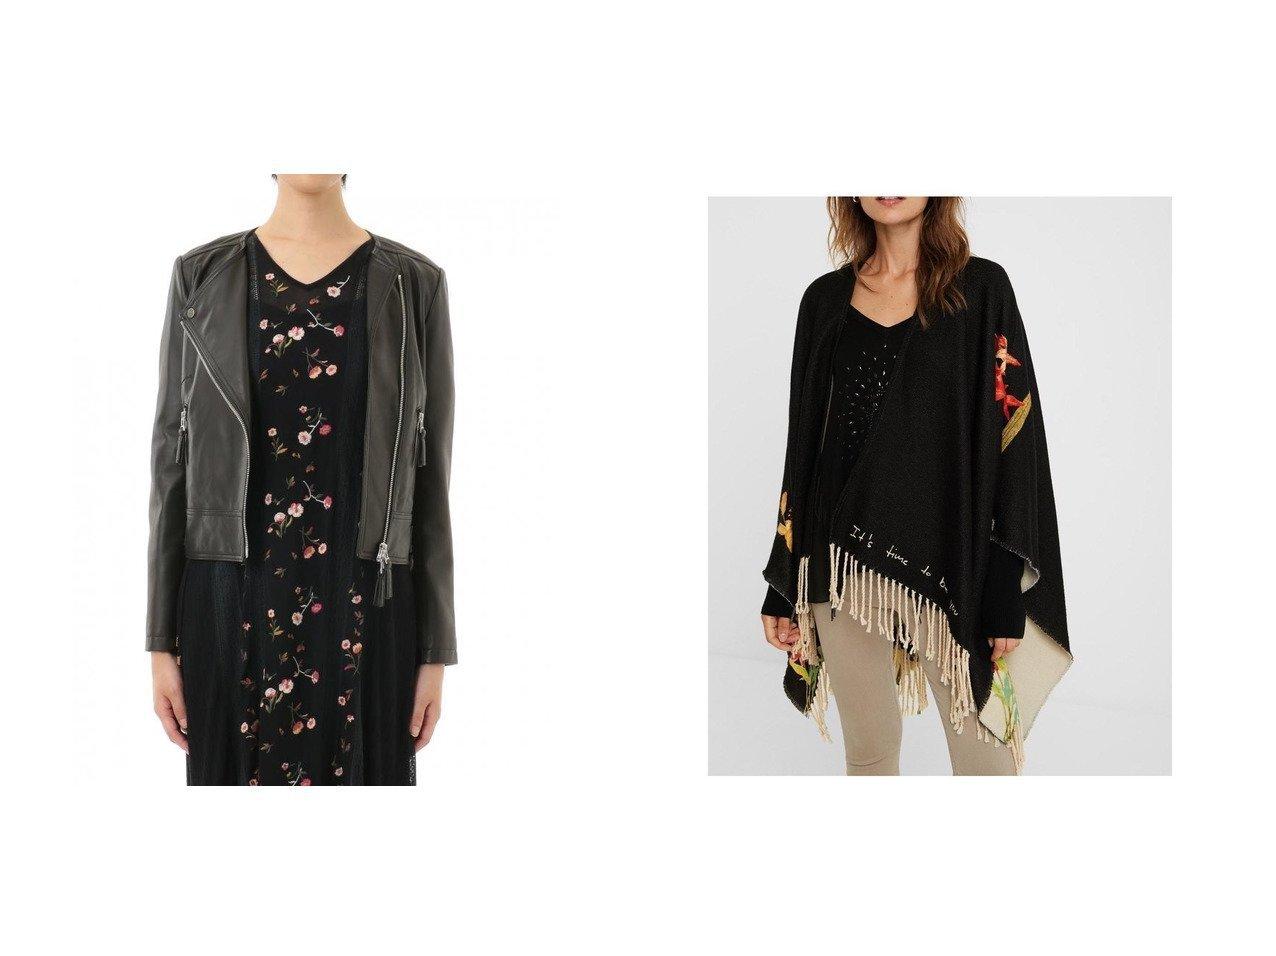 【Desigual/デシグアル】のポンチョ FLOWERISH REVERSIBLE&【GRACE CONTINENTAL/グレース コンチネンタル】のノーカラーライダース アウターのおすすめ!人気、トレンド・レディースファッションの通販 おすすめで人気の流行・トレンド、ファッションの通販商品 メンズファッション・キッズファッション・インテリア・家具・レディースファッション・服の通販 founy(ファニー) https://founy.com/ ファッション Fashion レディースファッション WOMEN アウター Coat Outerwear ポンチョ Ponchos ジャケット Jackets ライダース Riders Jacket アクリル エスニック オリエンタル スクエア フリンジ プリント ポンチョ リバーシブル 冬 Winter 定番 Standard  ID:crp329100000016155